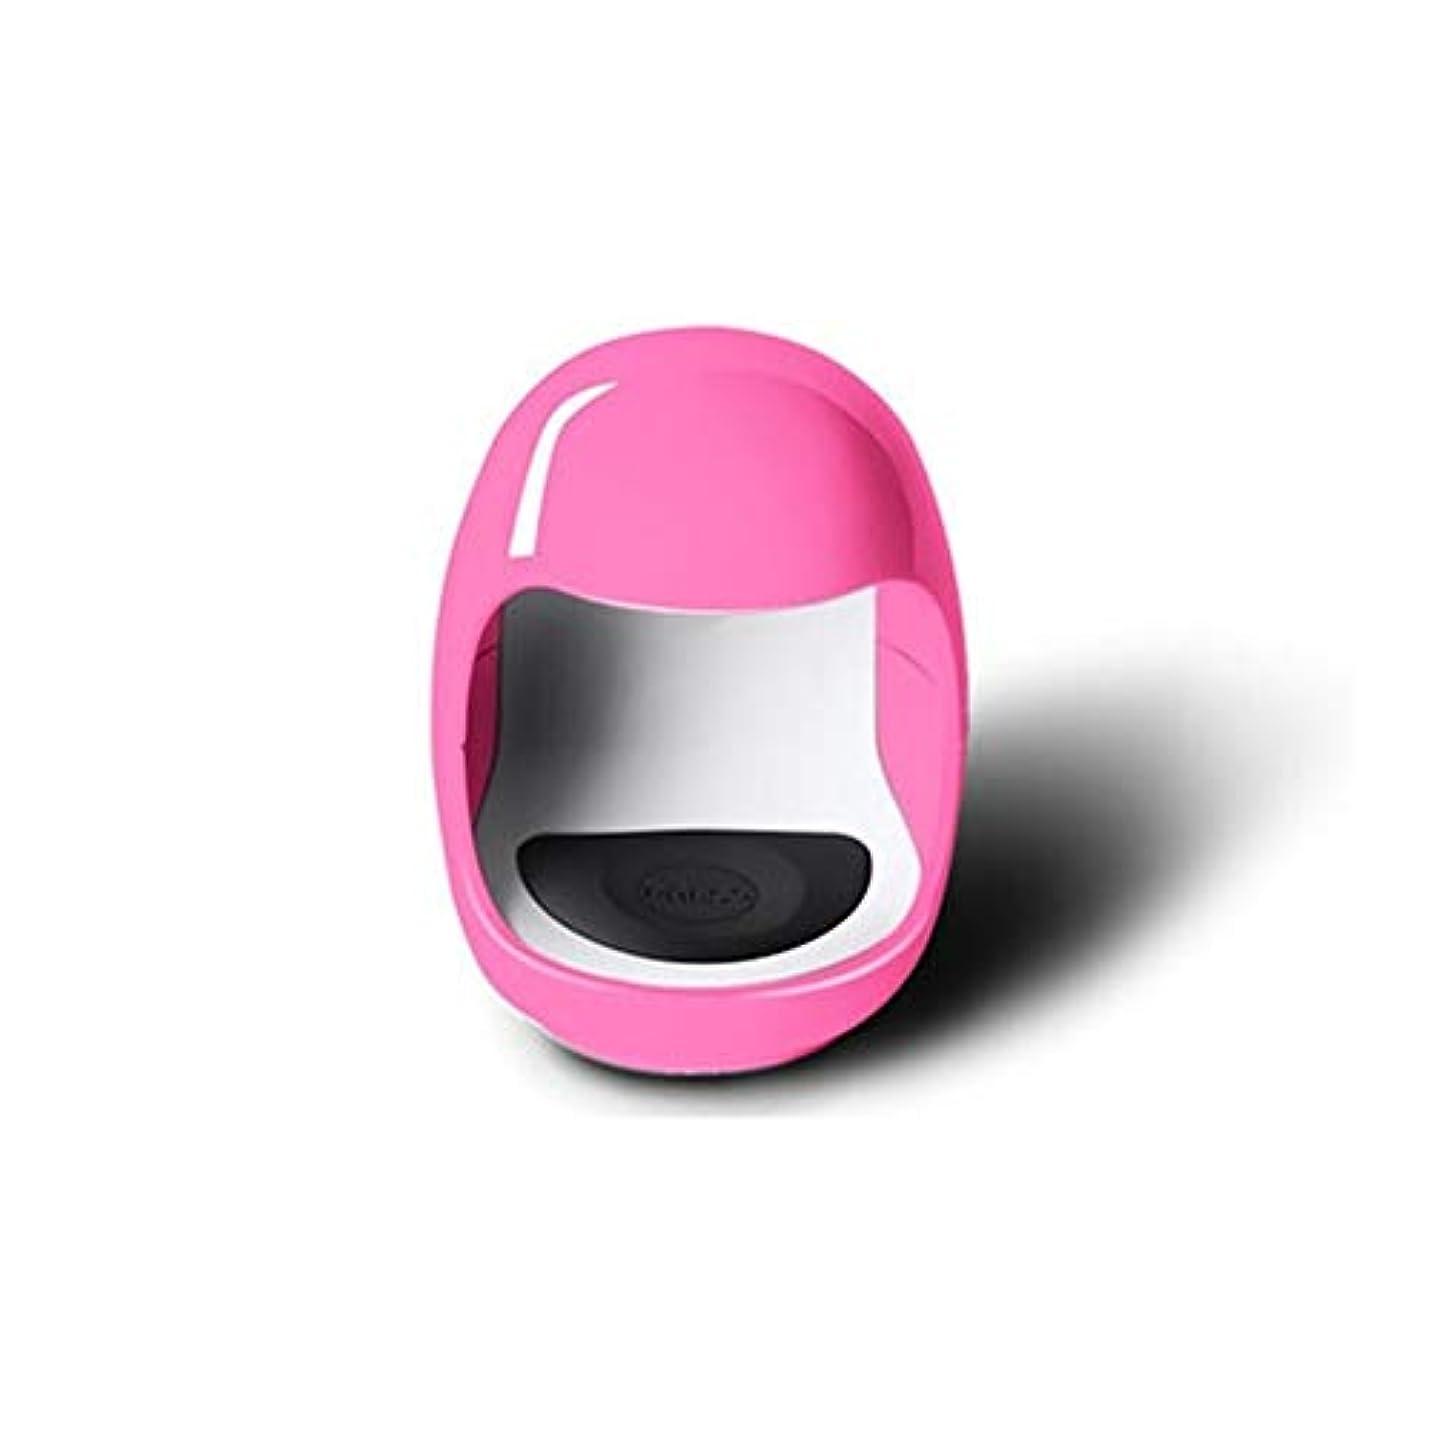 飛躍交渉する肘LittleCat ネイル光線療法のミニUSB太陽灯ライトセラピーランプLEDランプ速乾性ネイルポリッシュベーキングゴム (色 : Pink without data cable)